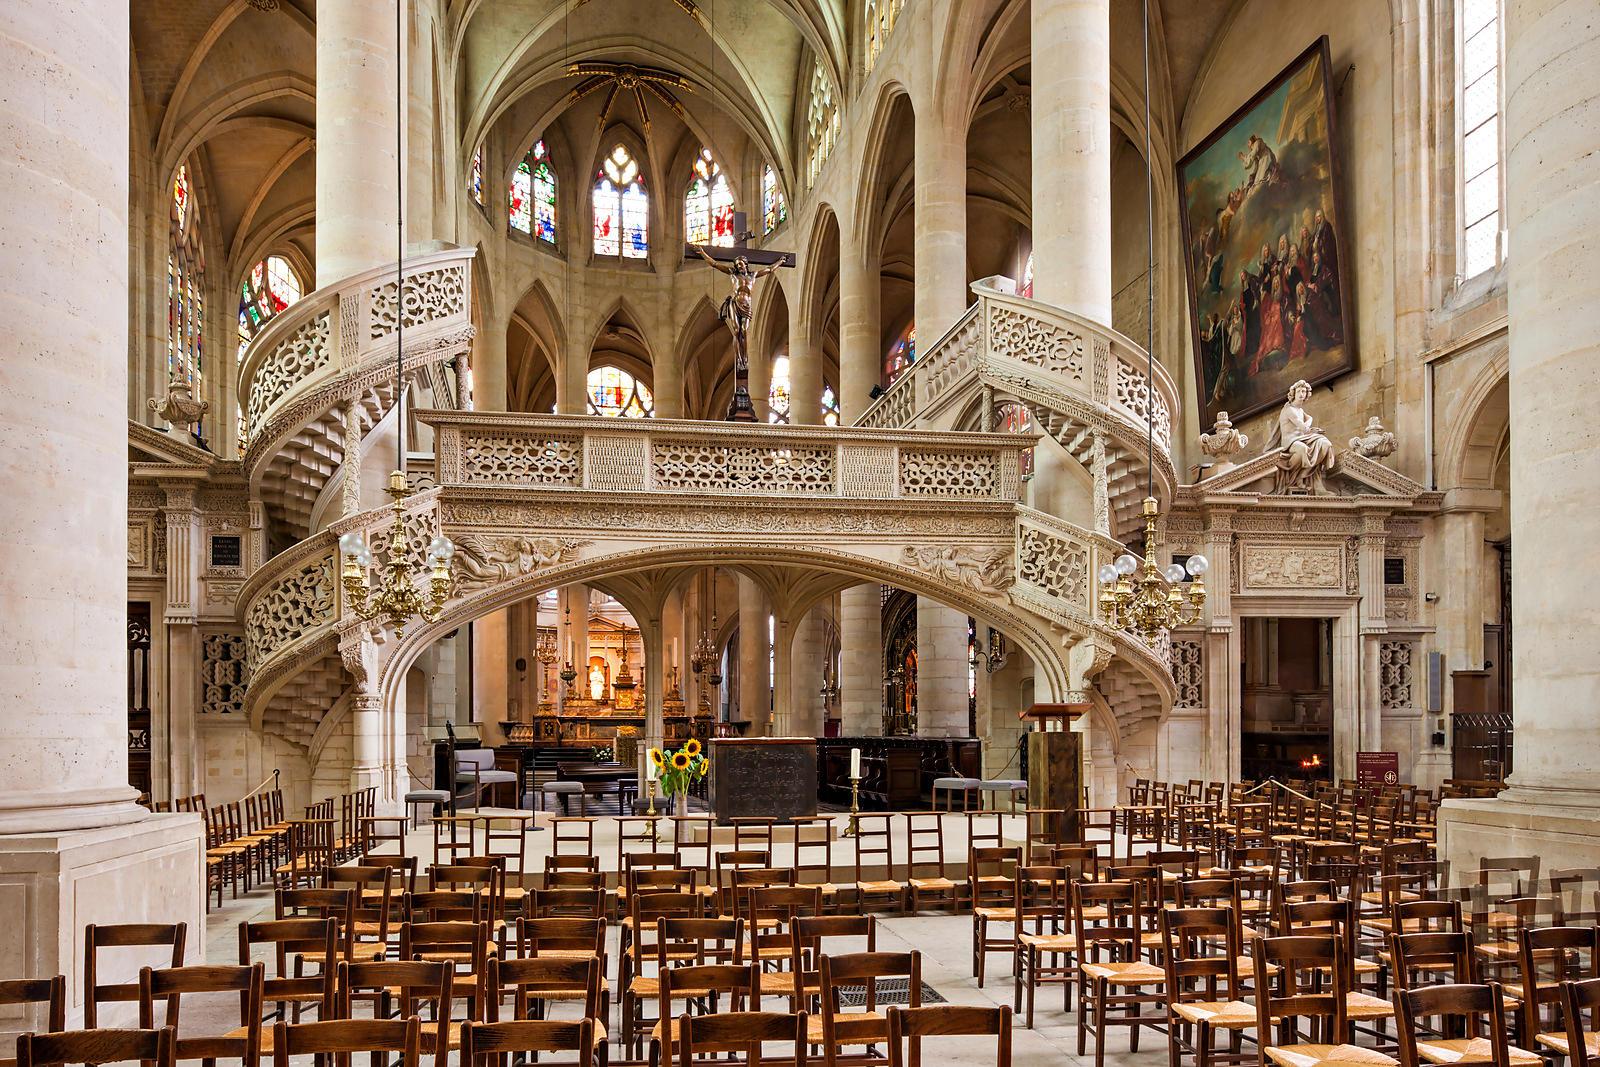 jube-et-choeur-eglise-saint-etienne-du-mont_uxga.jpg